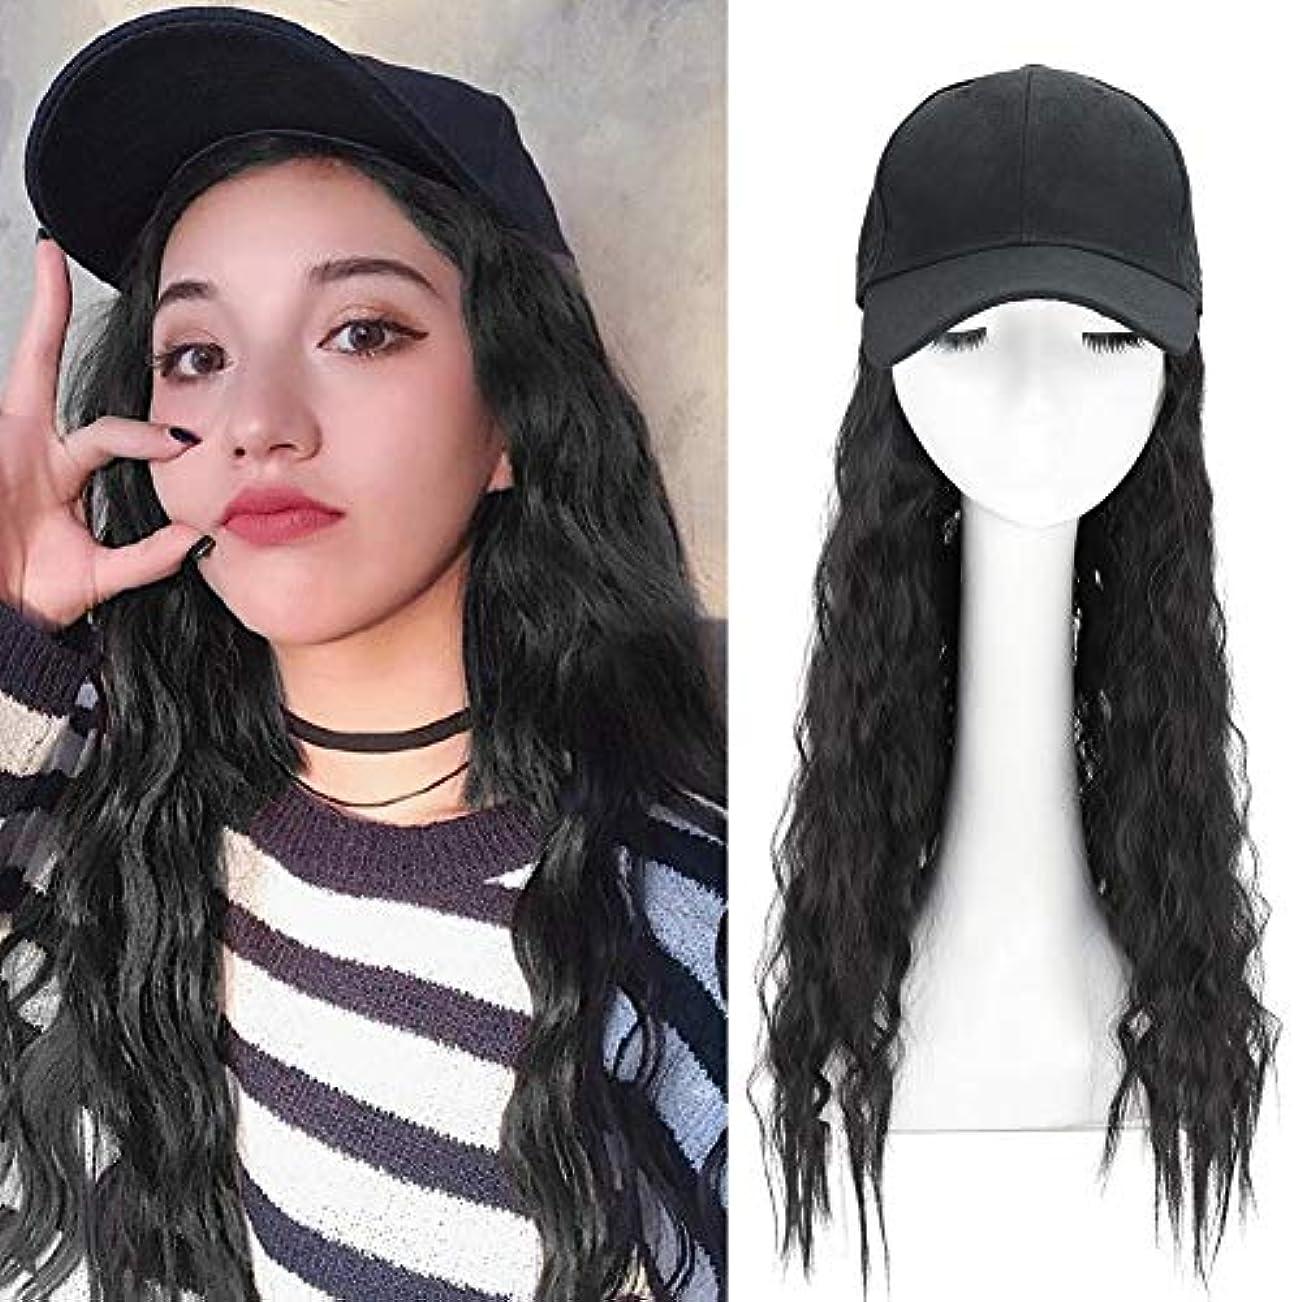 引退する辞任する維持する長い巻き毛を持つ合成長波野球帽合成毛を持つ波状かつらキャップ女の子のための髪を持つ調整可能な野球帽帽子